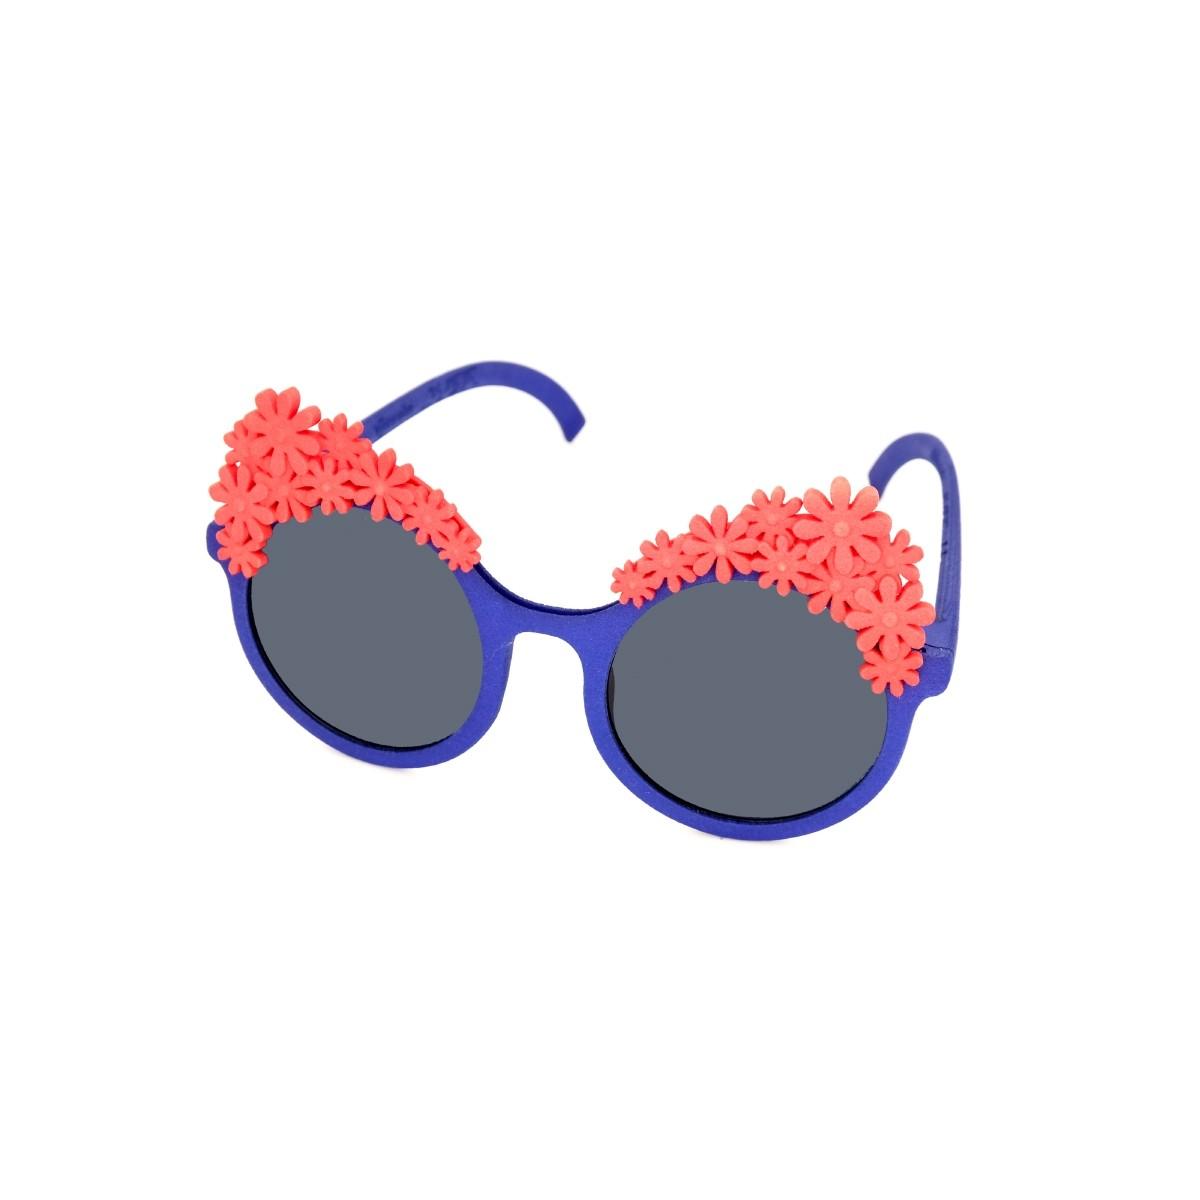 Cambiami Margherite donna blu, 90,00€, Occhiali Cambiami Blu a forma Rotondo